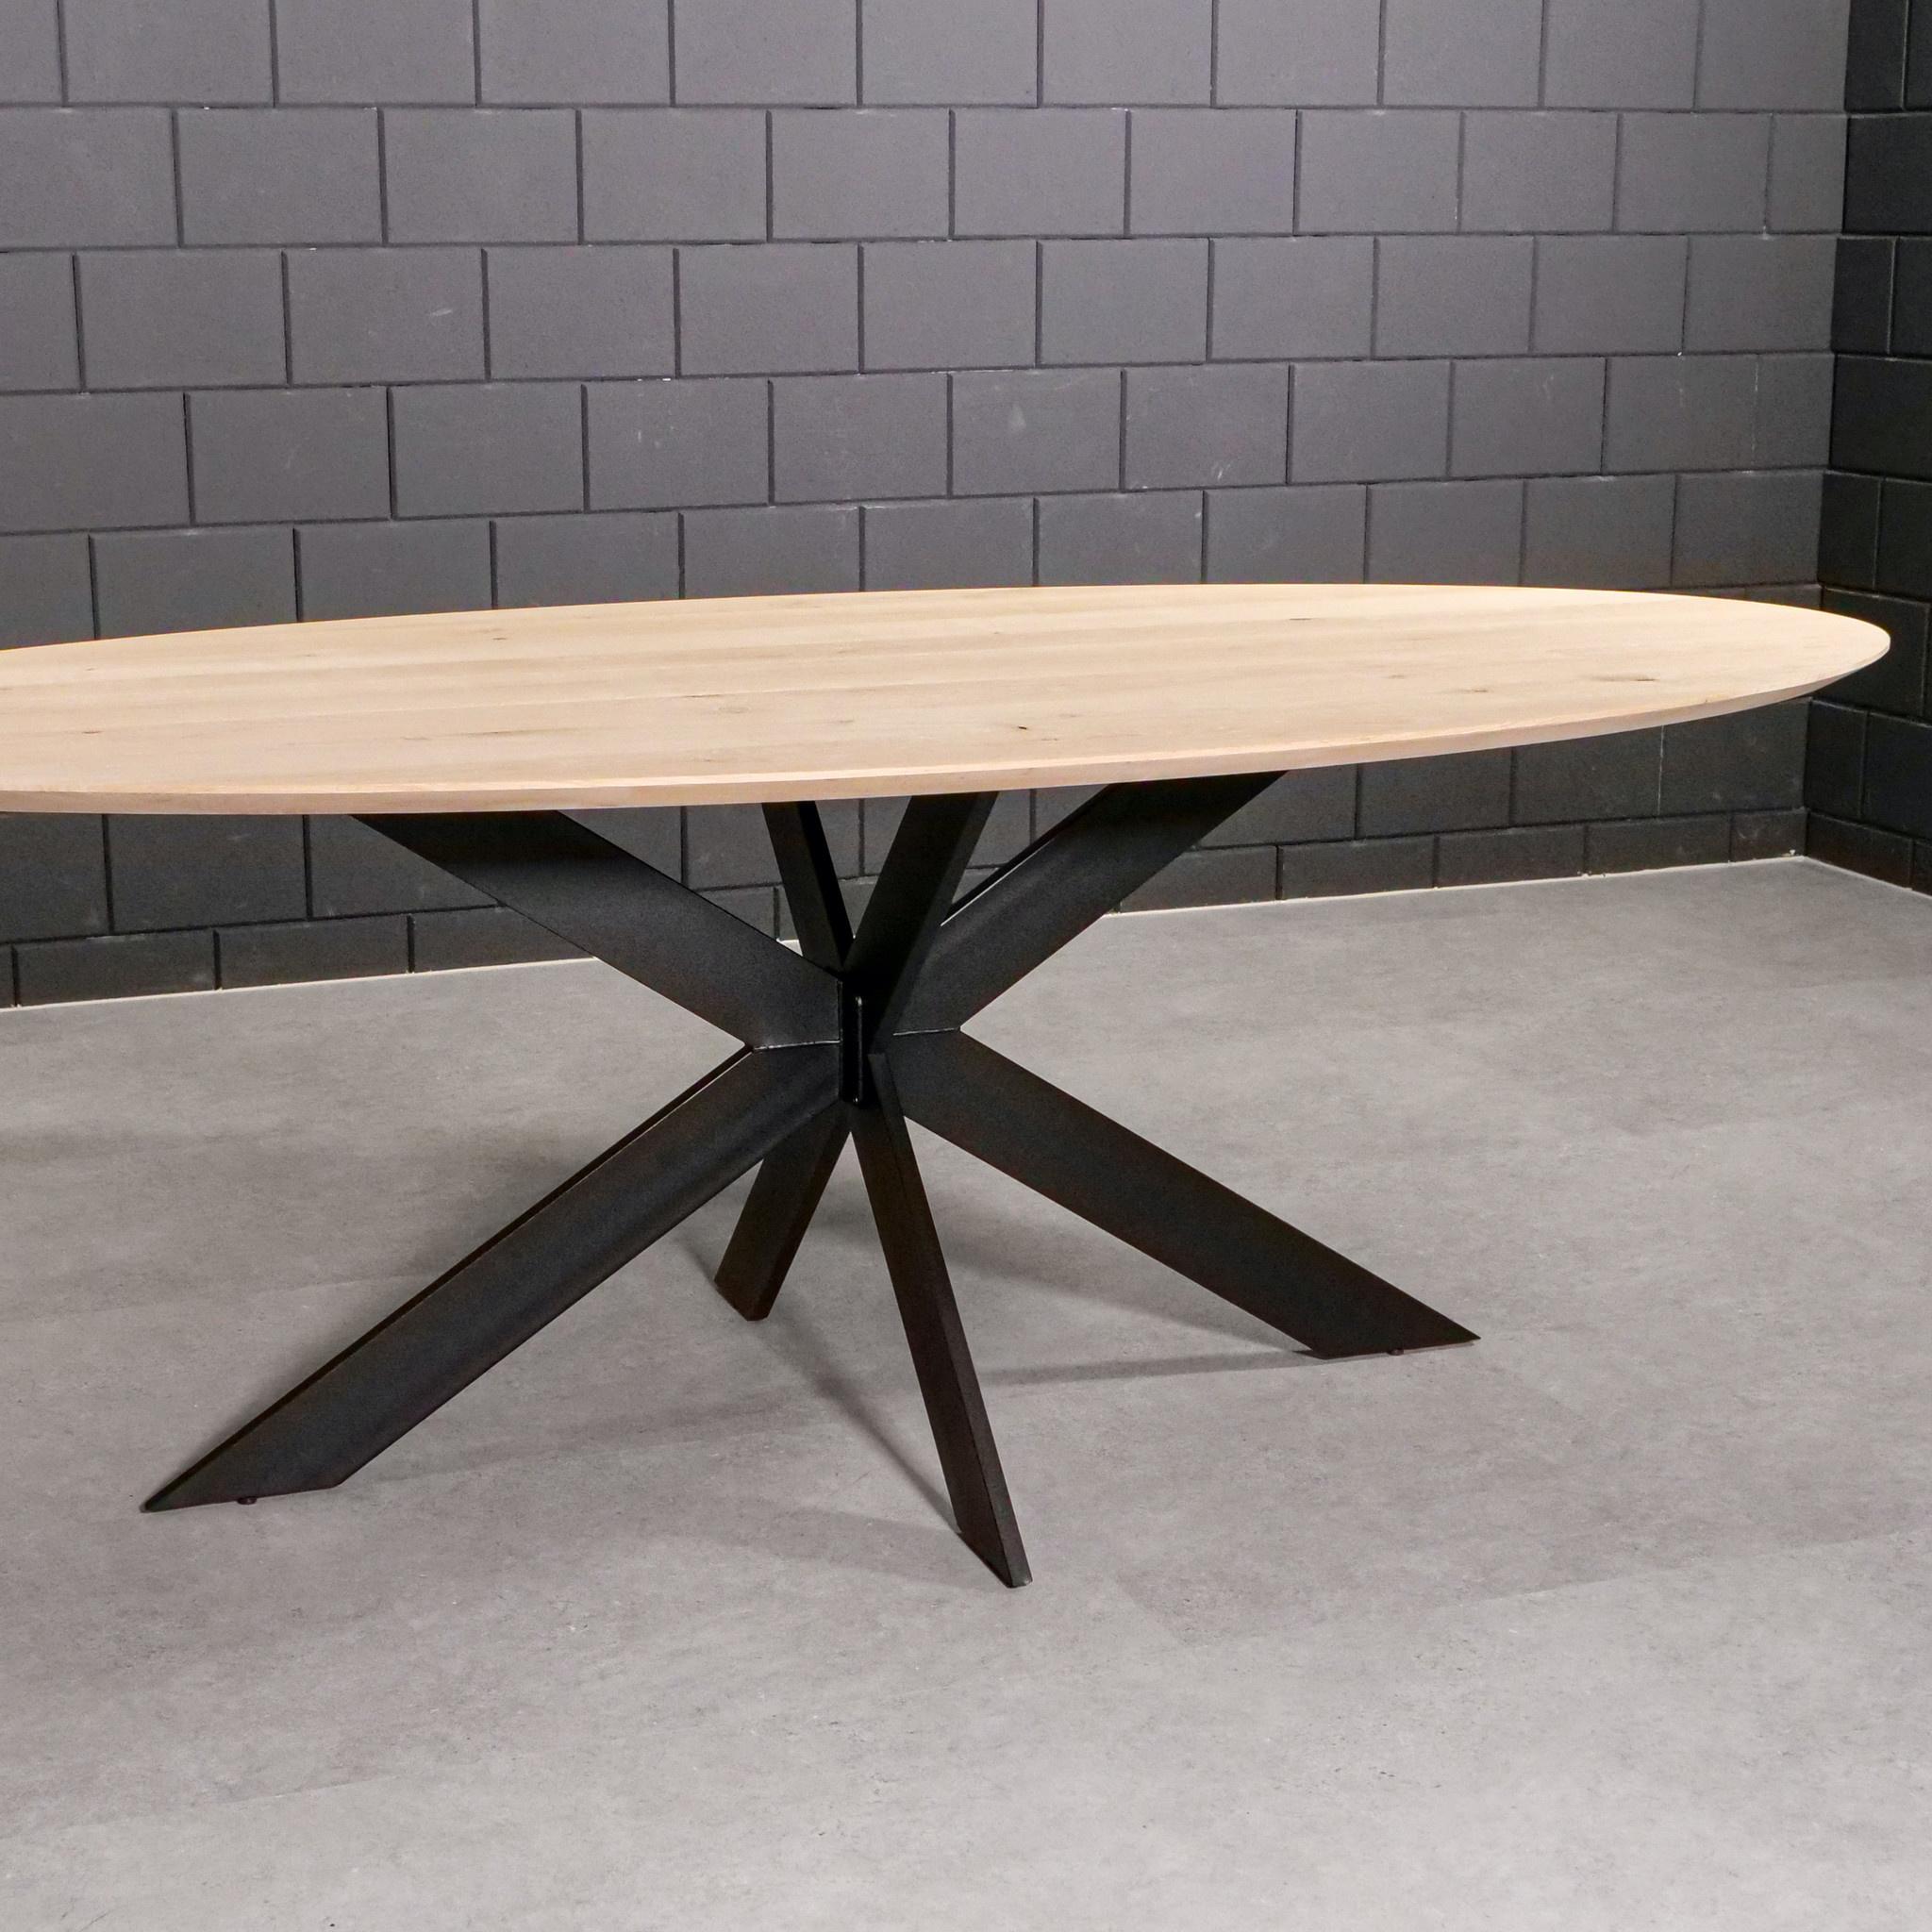 Tischgestell Metall Spider schlank- 3-Teilig - 2x10 cm - 90x180 cm - 72 cm hoch - Stahl Tischuntergestell / Mittelfuß Rechteck & oval - Beschichtet - Schwarz